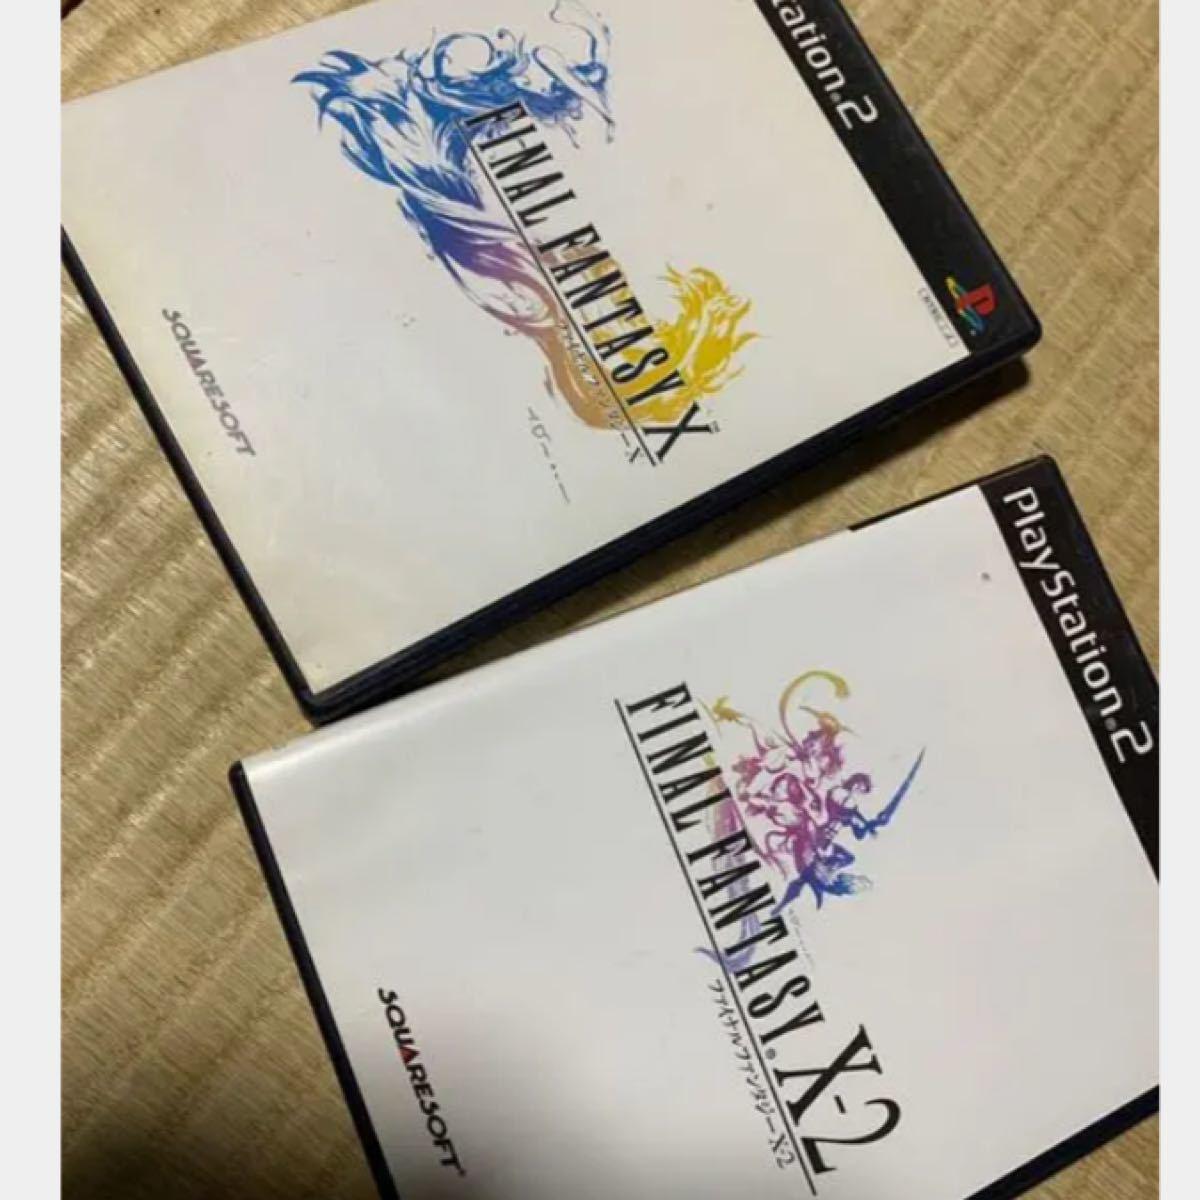 ファイナルファンタジーX X2 ゲームソフト